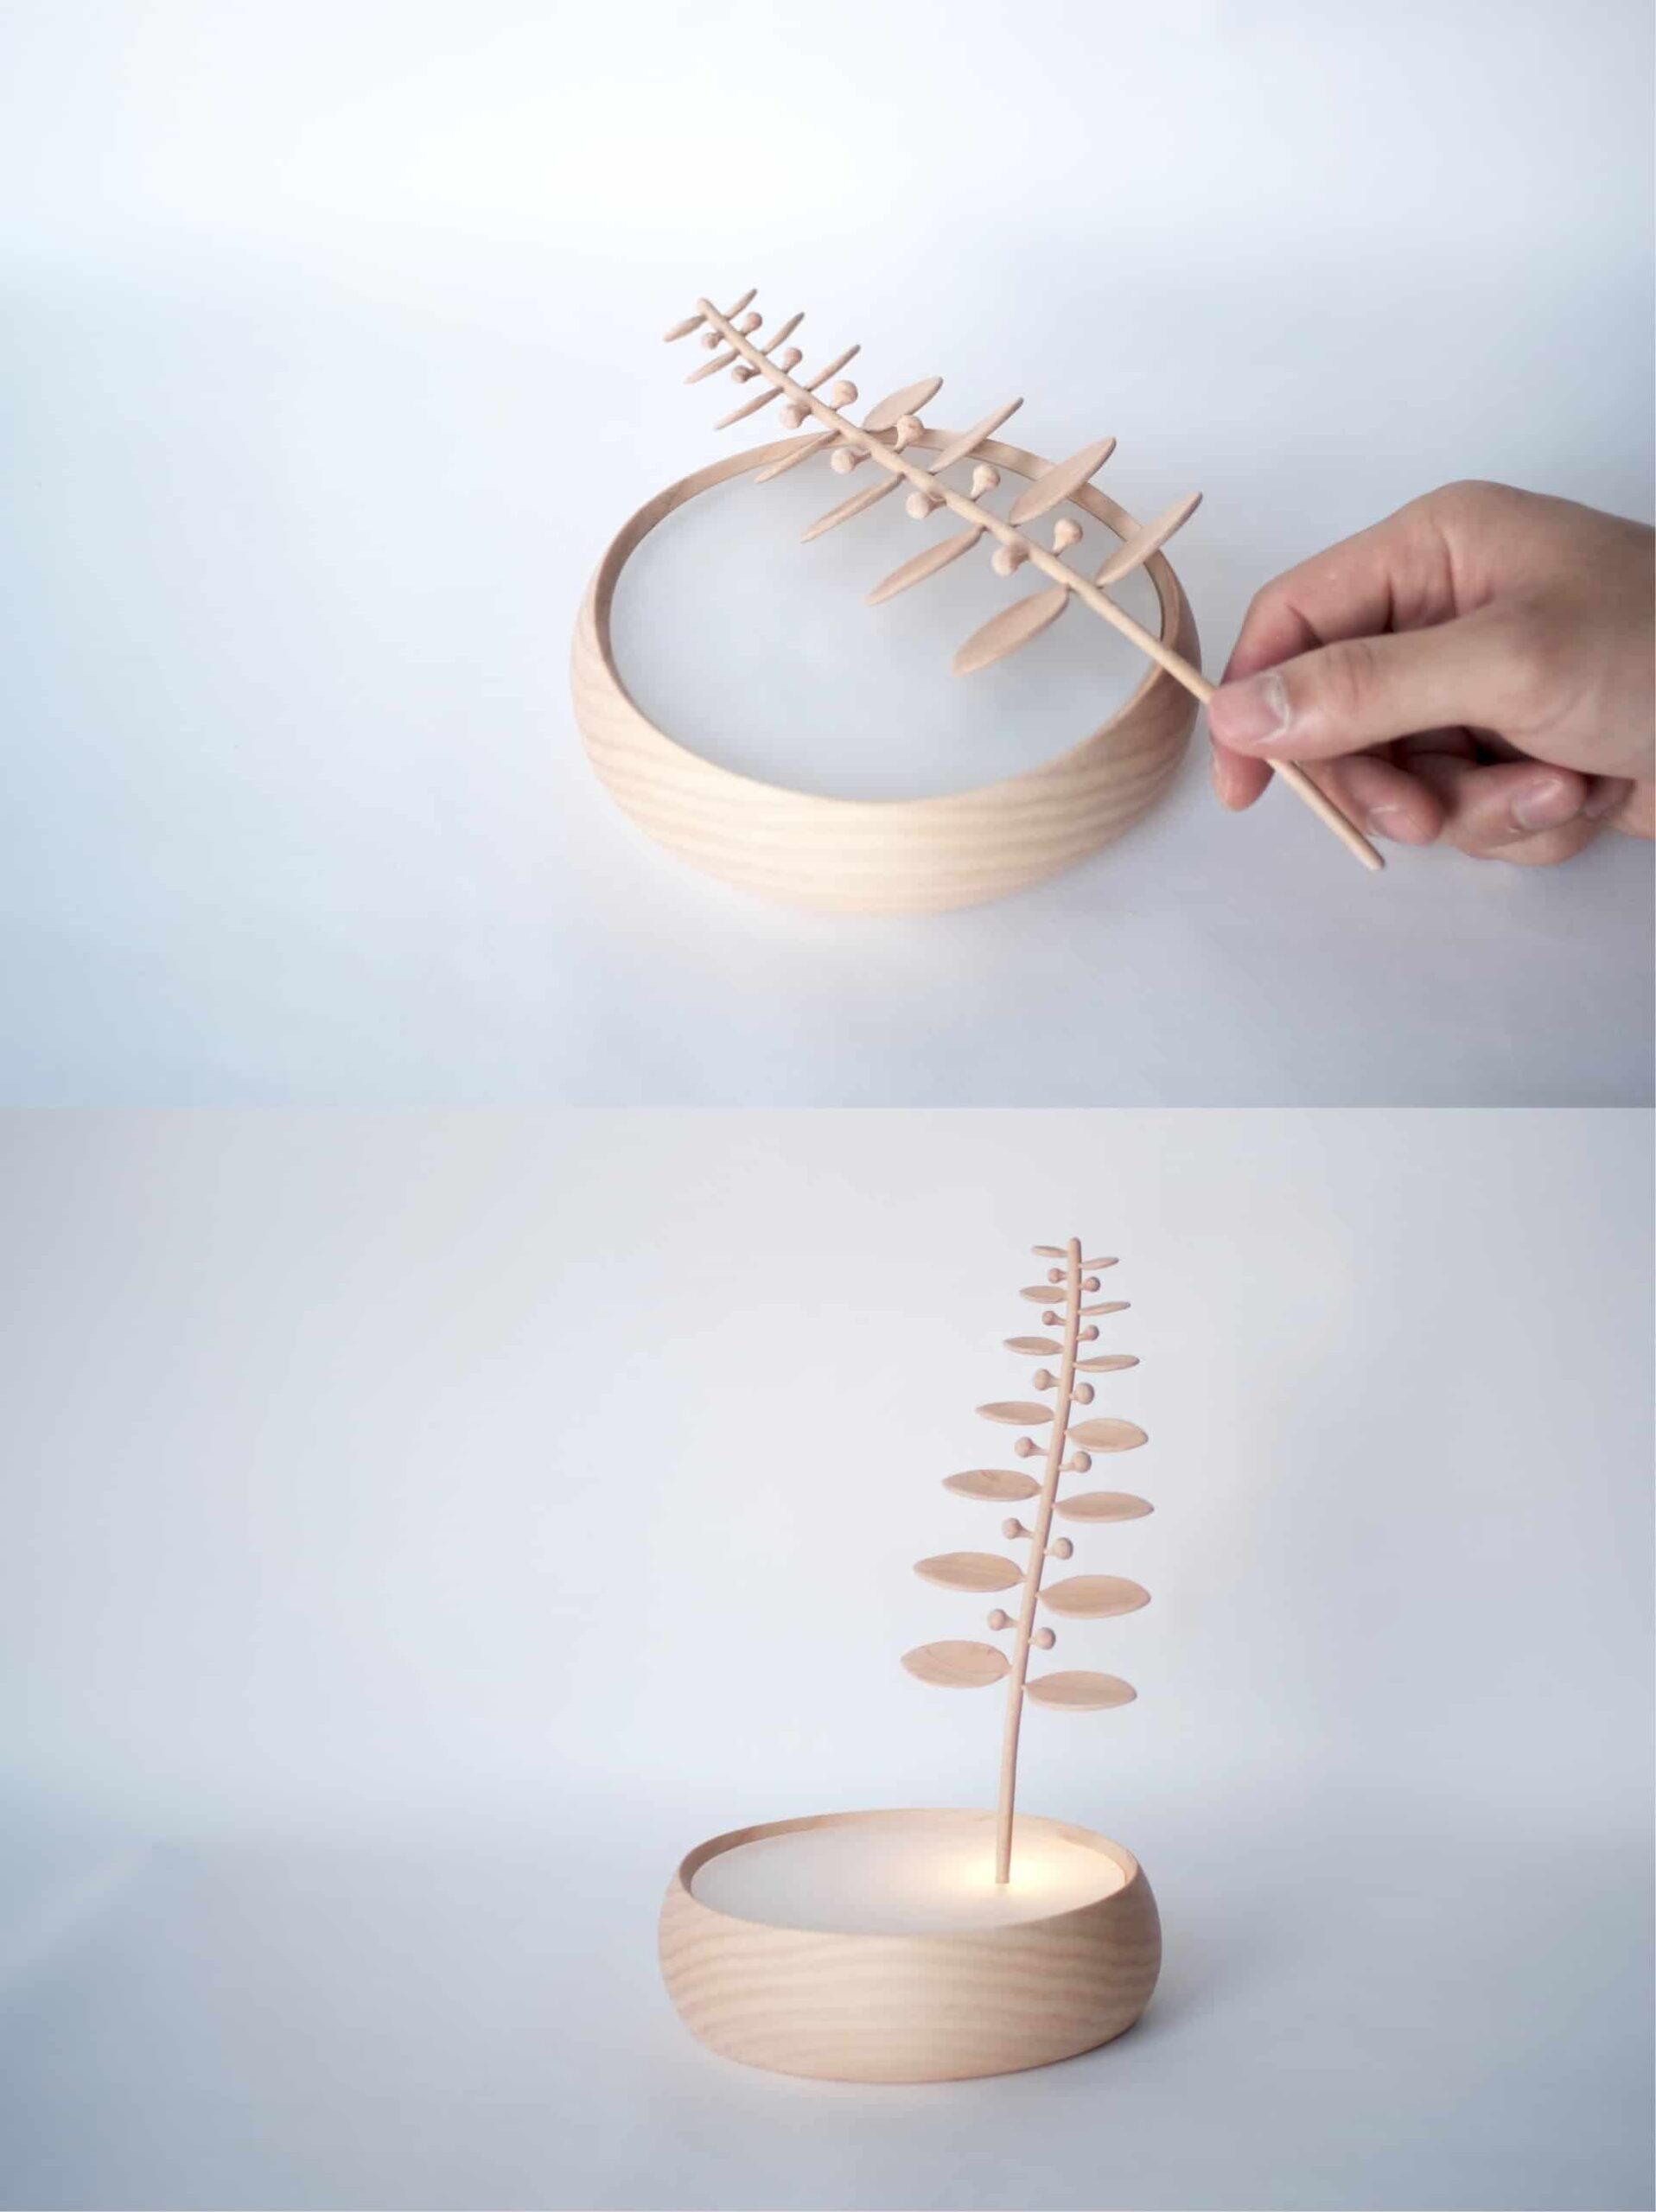 拾植_互動式木質夜燈_圖片提供/MoziDozen木子到森 木作+燈具,電燈開關和木頭的結合就像是解謎的過程